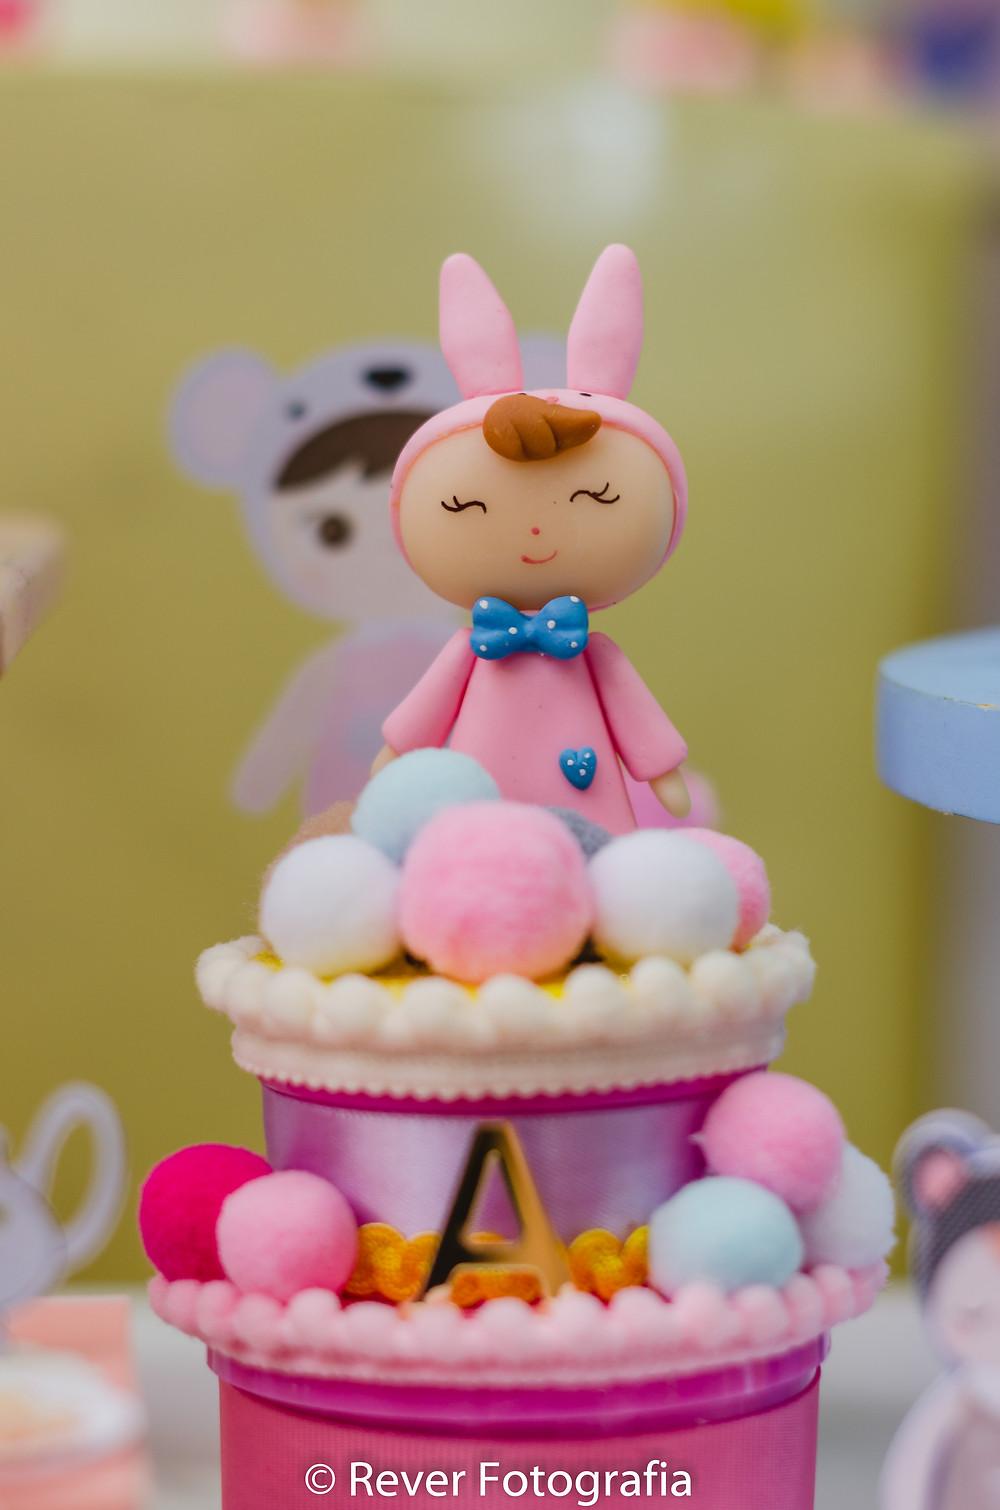 fotografia de decoração de festa com biscuit da boneca me too